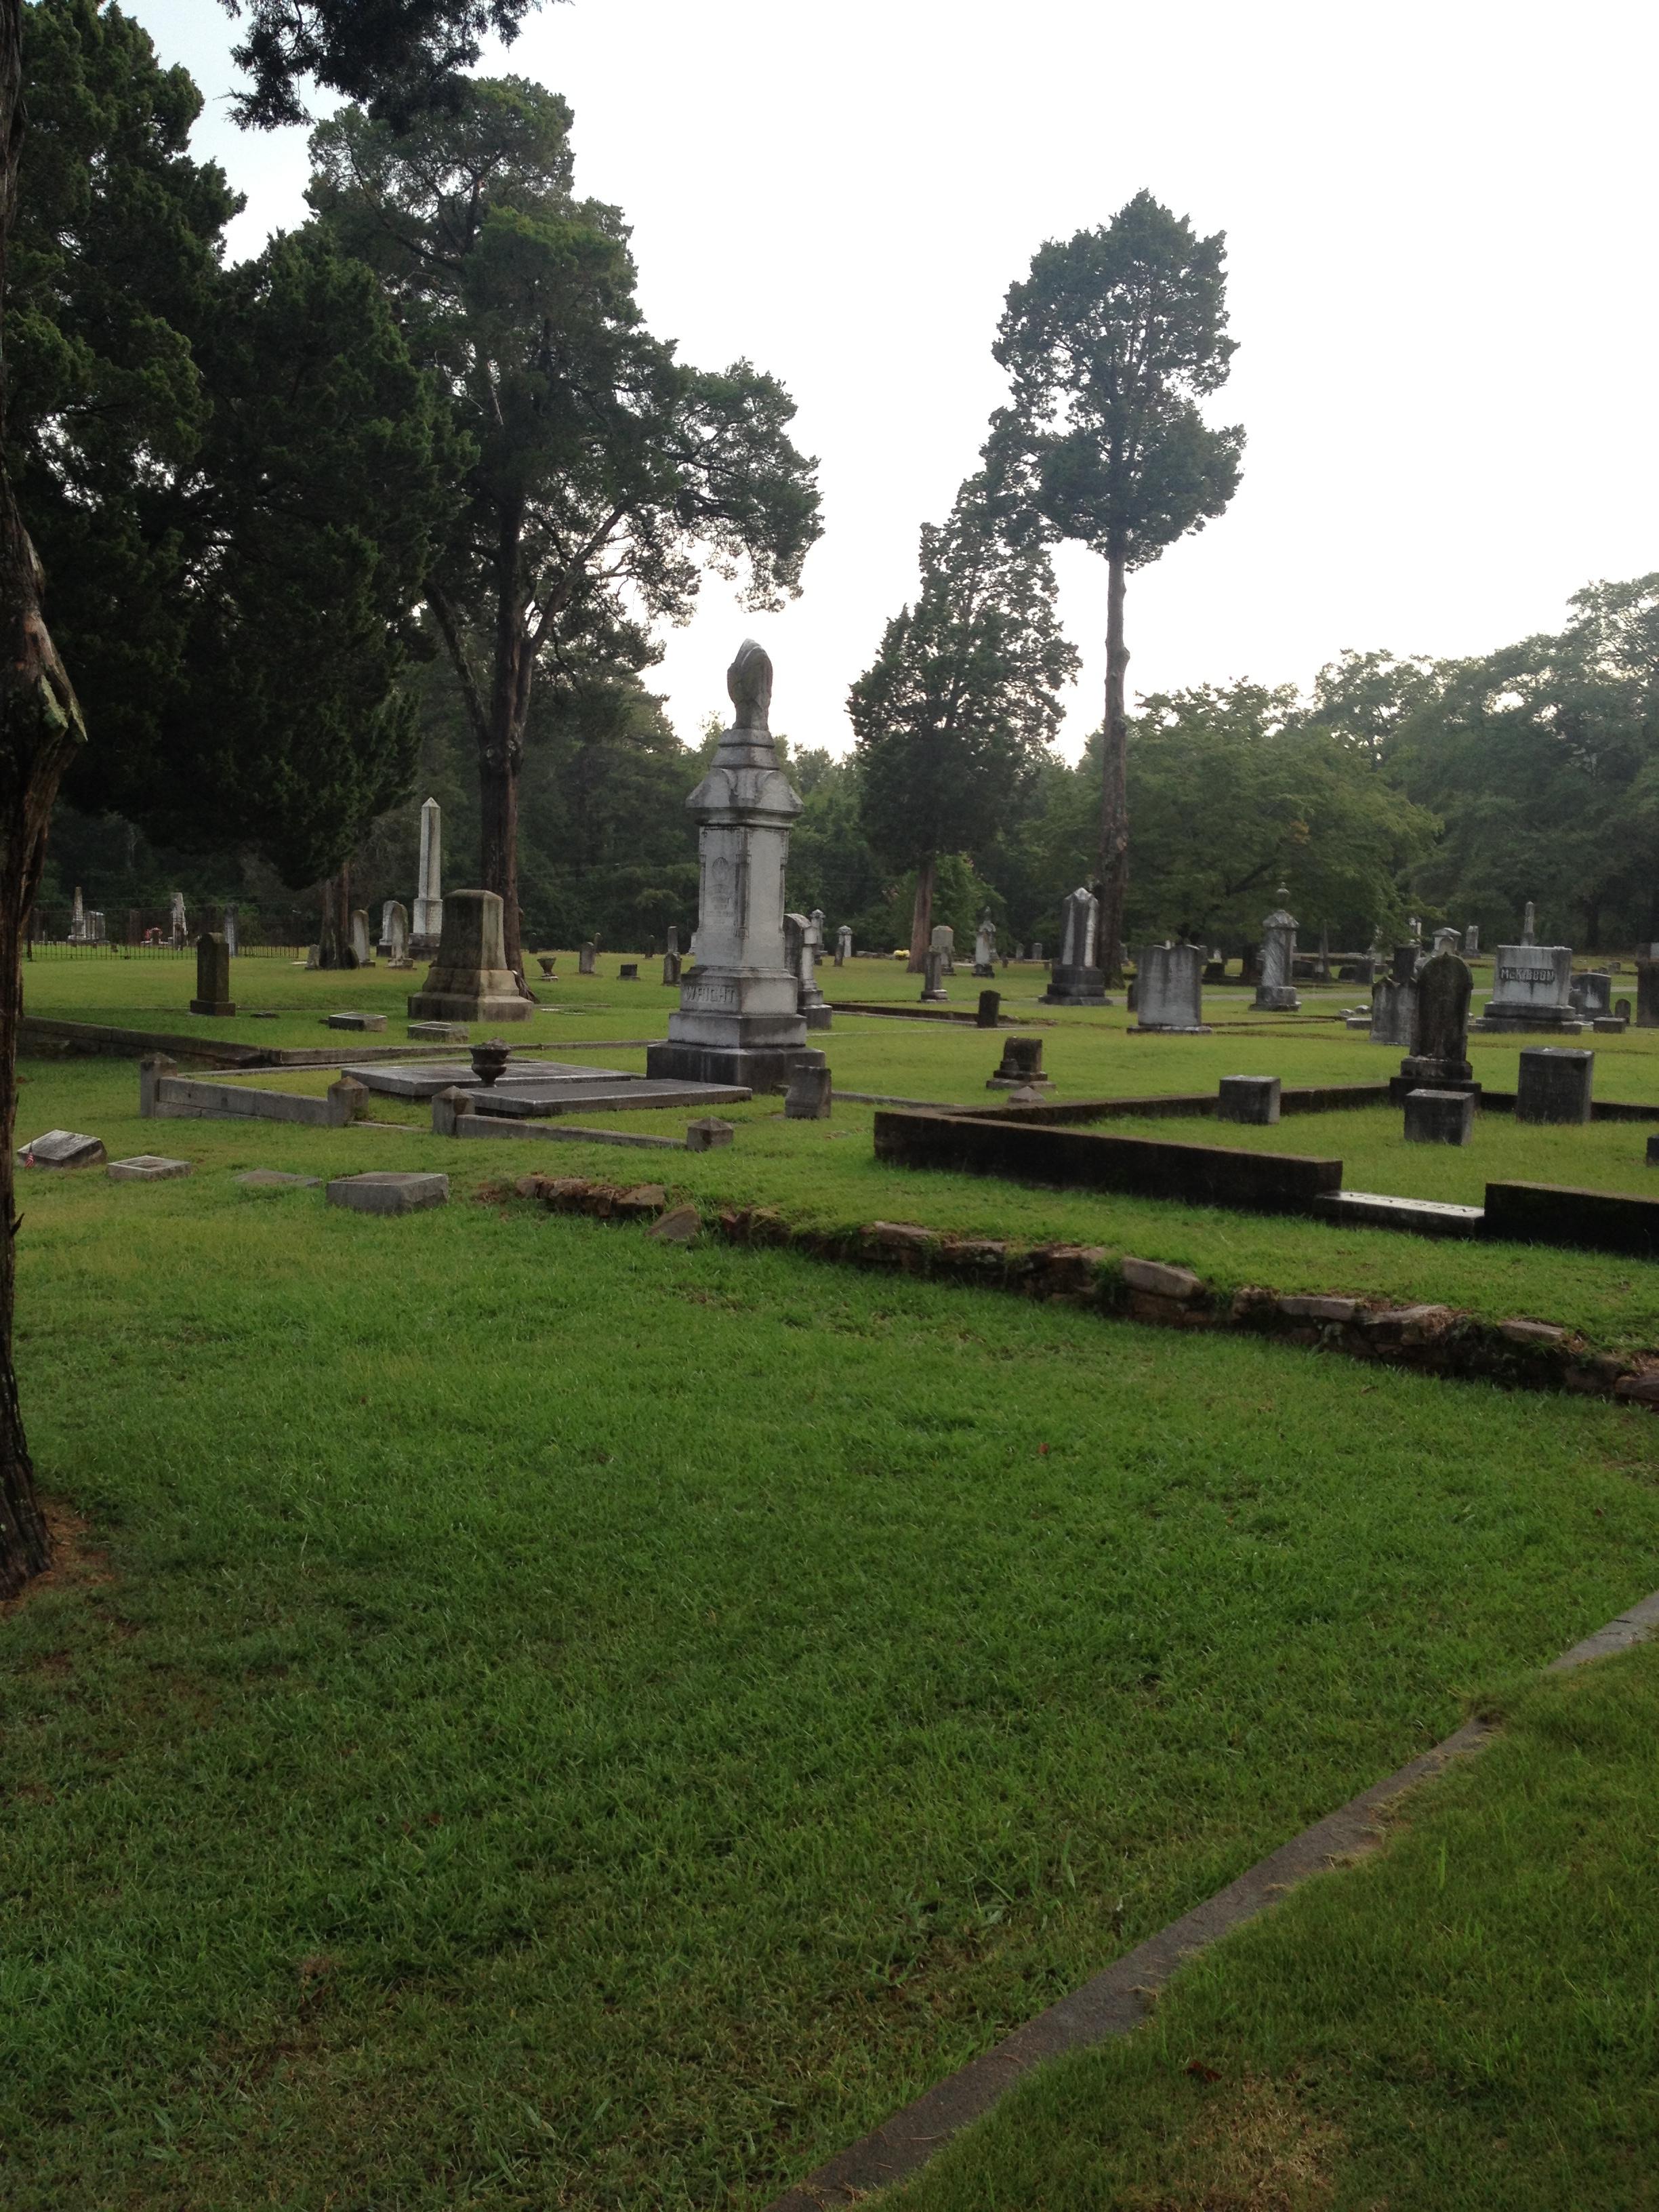 Oxford Memorial Gardens Cemetery